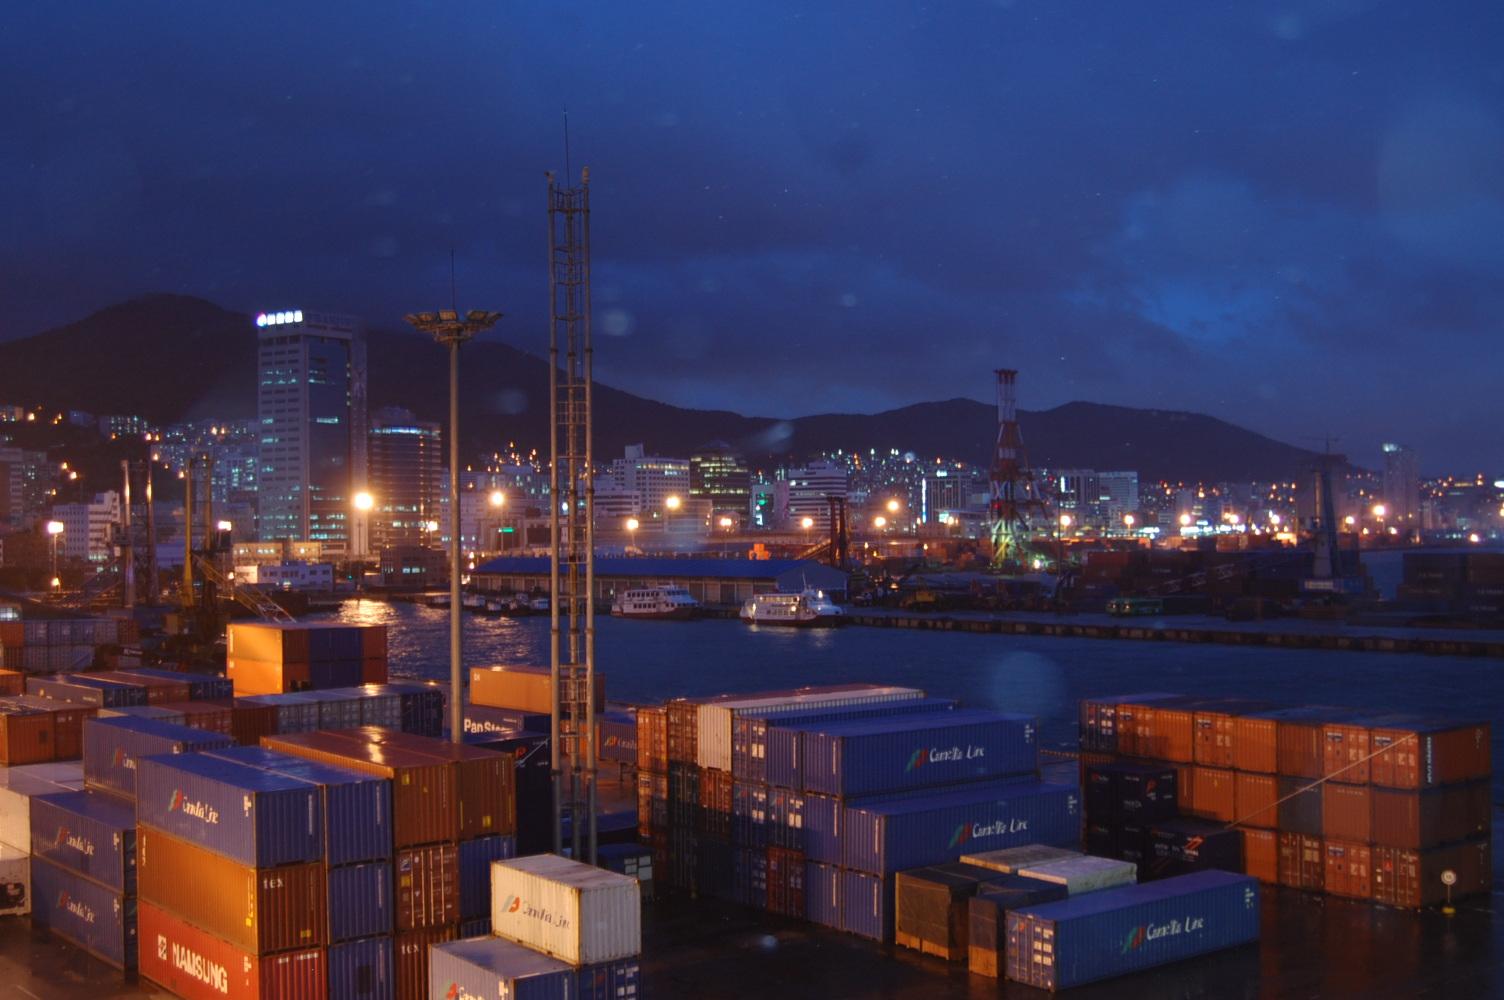 Korea_busan_pusan_harbour_cargo_container_terminal.jpeg